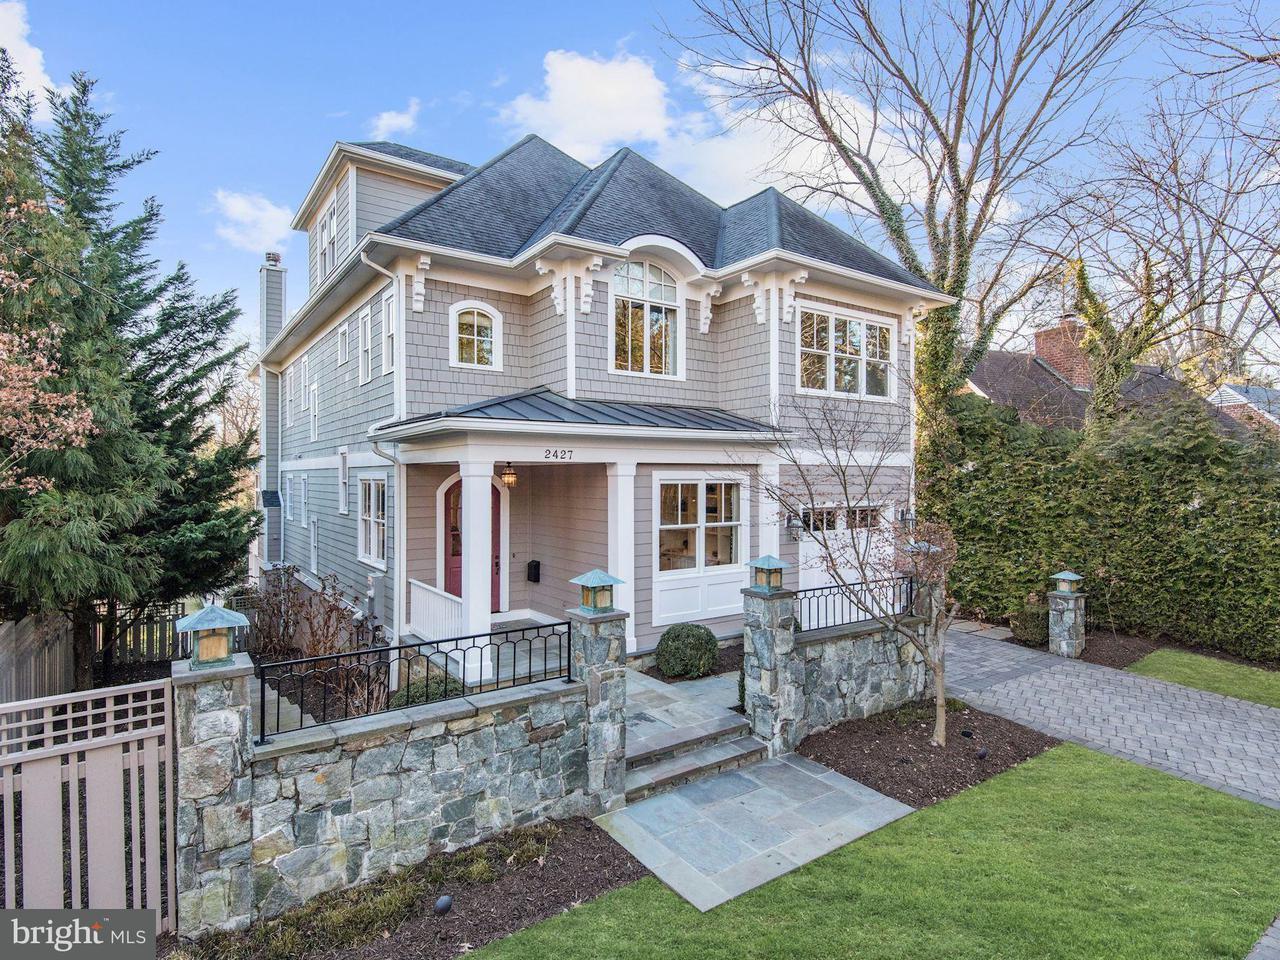 Μονοκατοικία για την Πώληση στο 2427 Chain Bridge Rd Nw 2427 Chain Bridge Rd Nw Washington, Περιφερεια Τησ Κολουμπια 20016 Ηνωμενεσ Πολιτειεσ